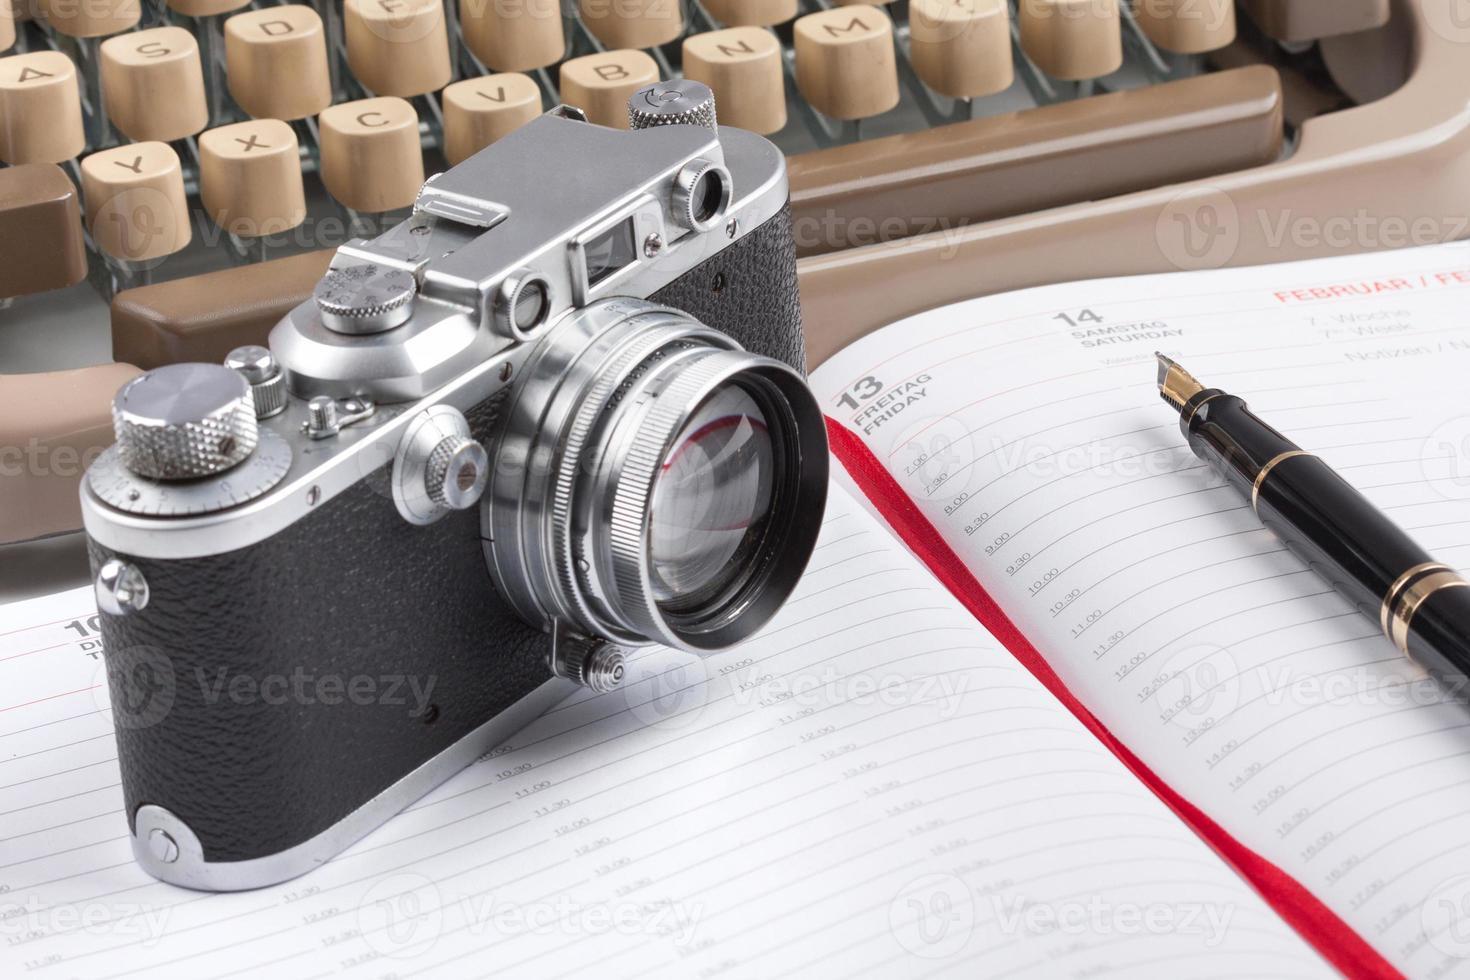 alte Schreibmaschine, alter Füllfederhalter und Fotokamera foto